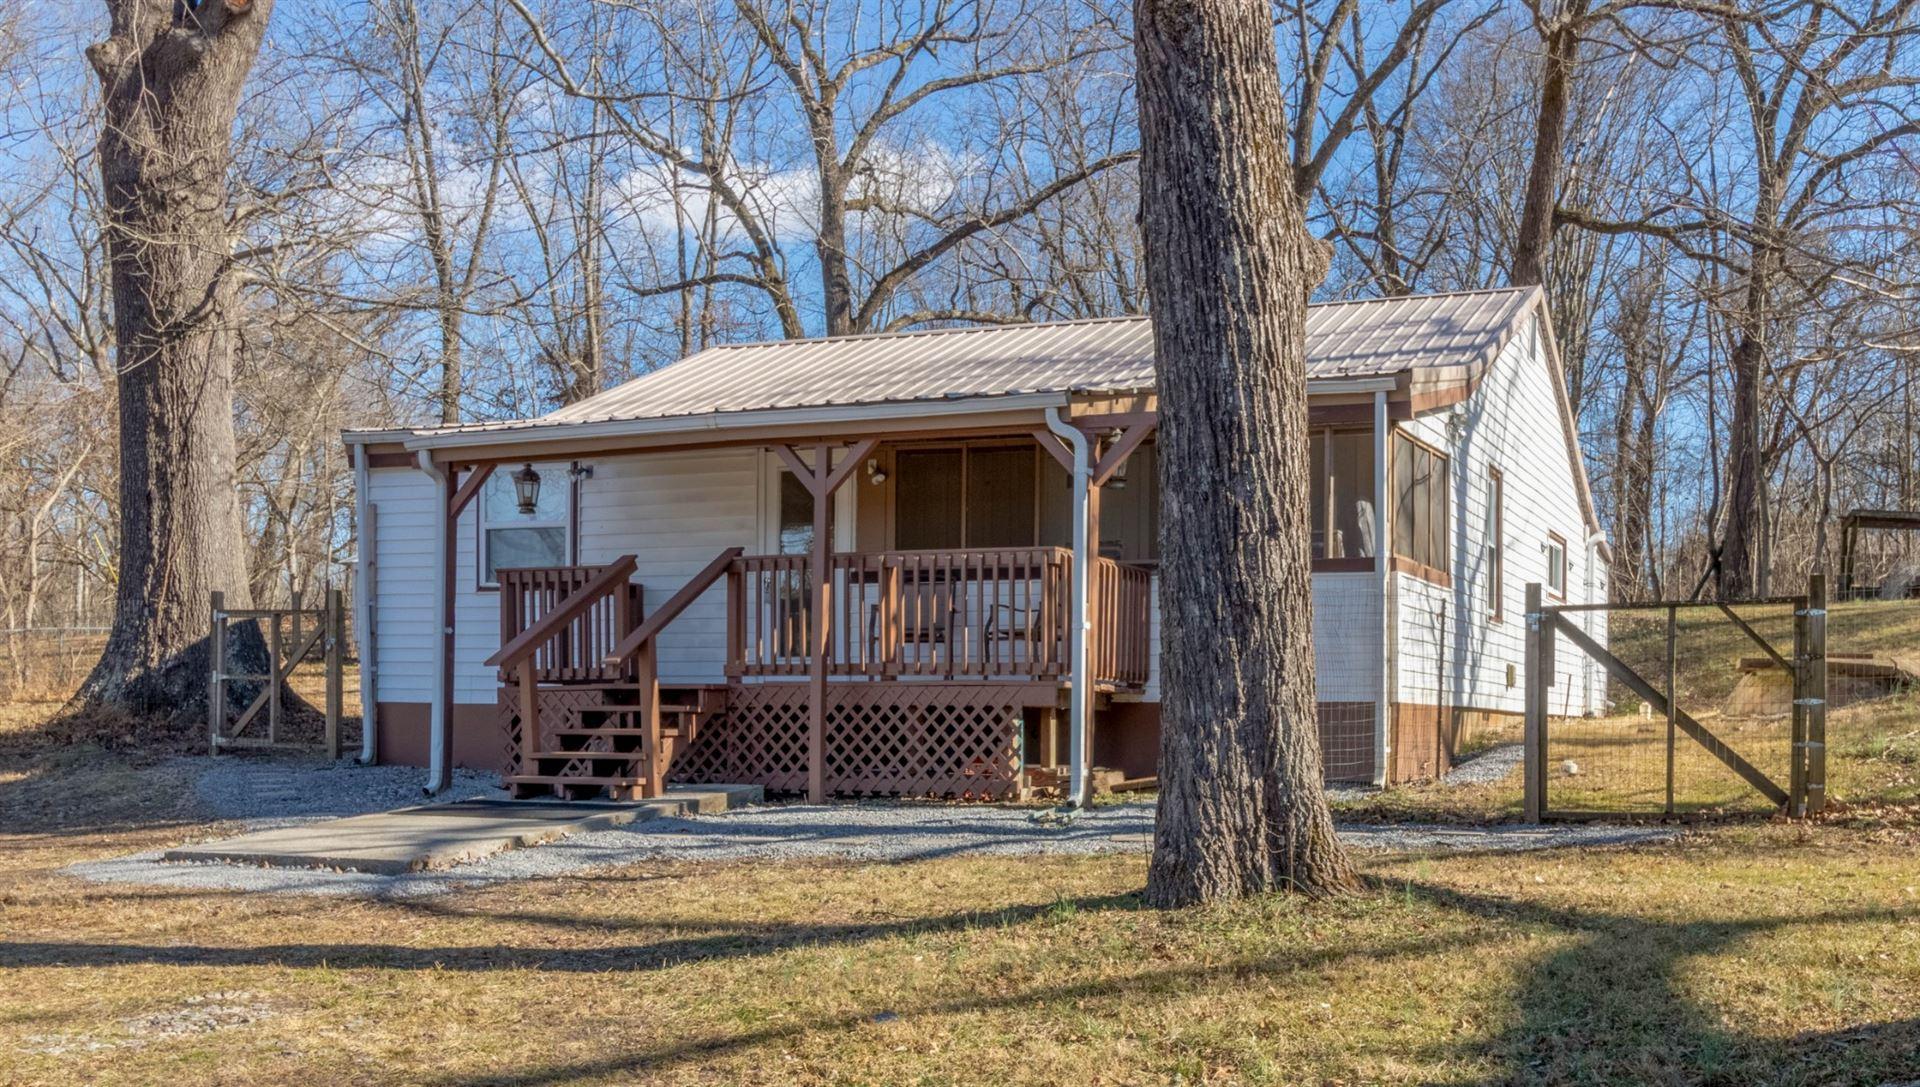 681 Ringgold Rd, Clarksville, TN 37042 - MLS#: 2220985